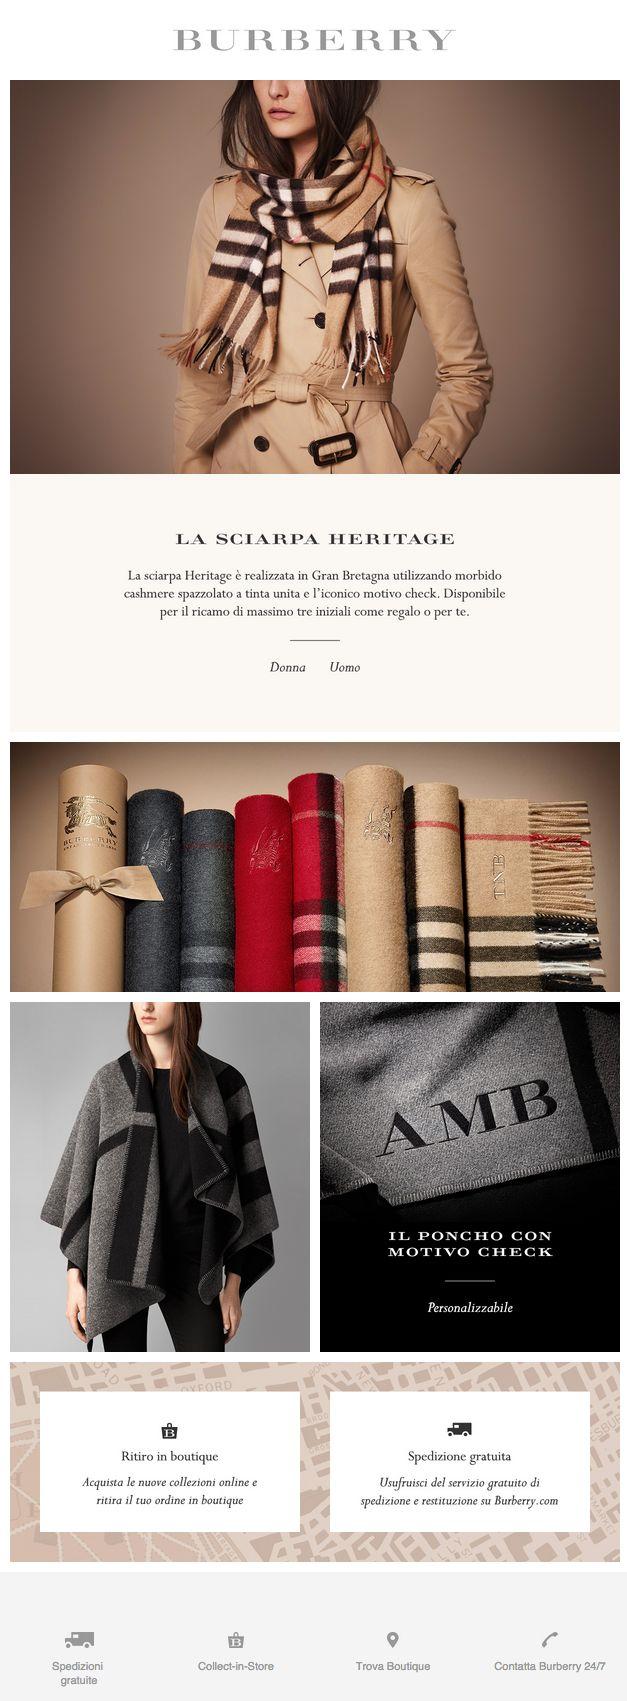 Burberry | La sciarpa Heritage, realizzata in Gran Bretagna da oltre 100 anni.png